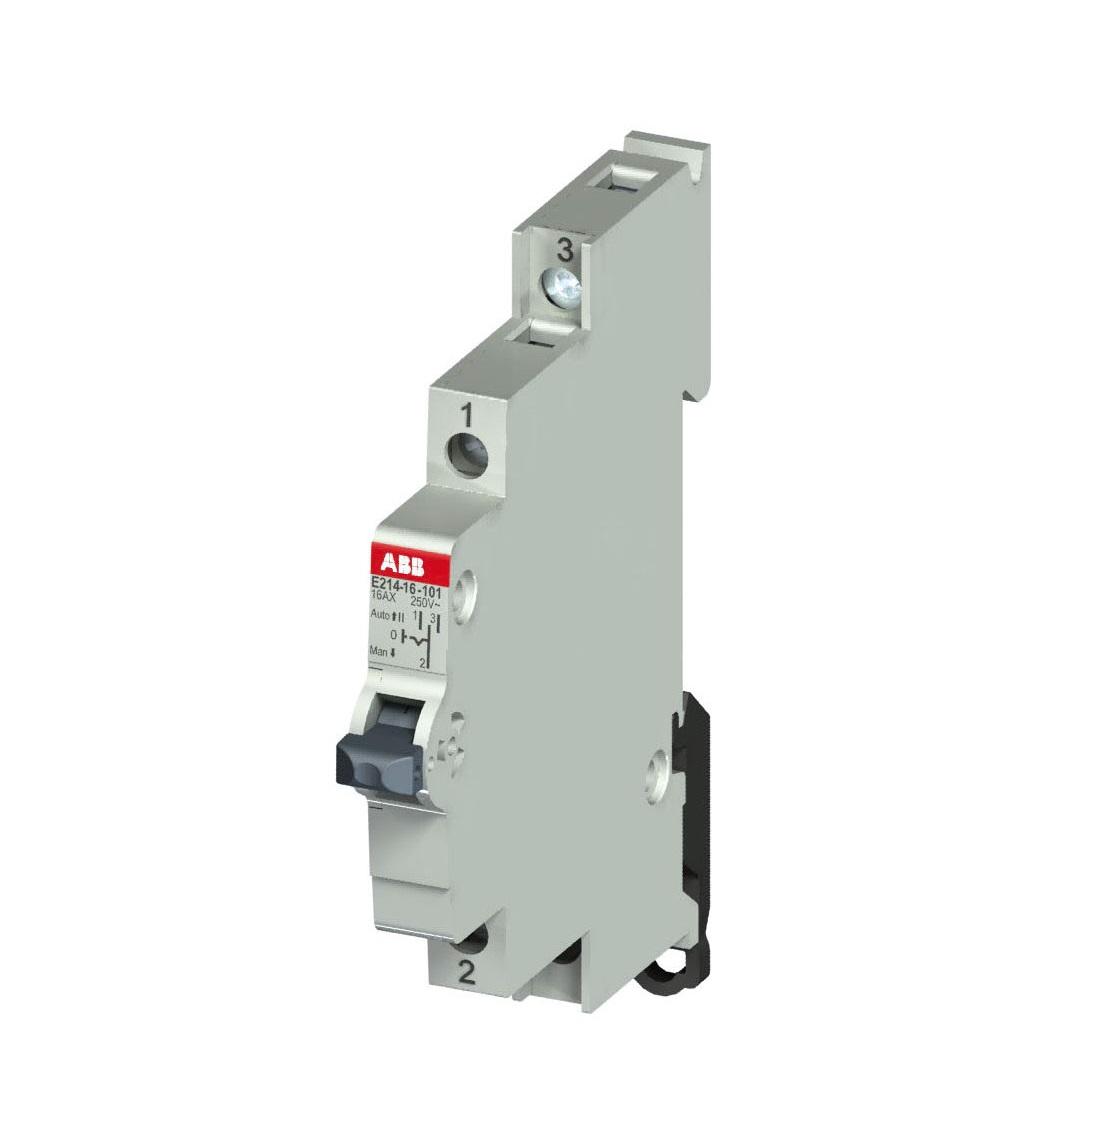 Выключатель Abb 2cca703025r0001 автомат abb s203 c10